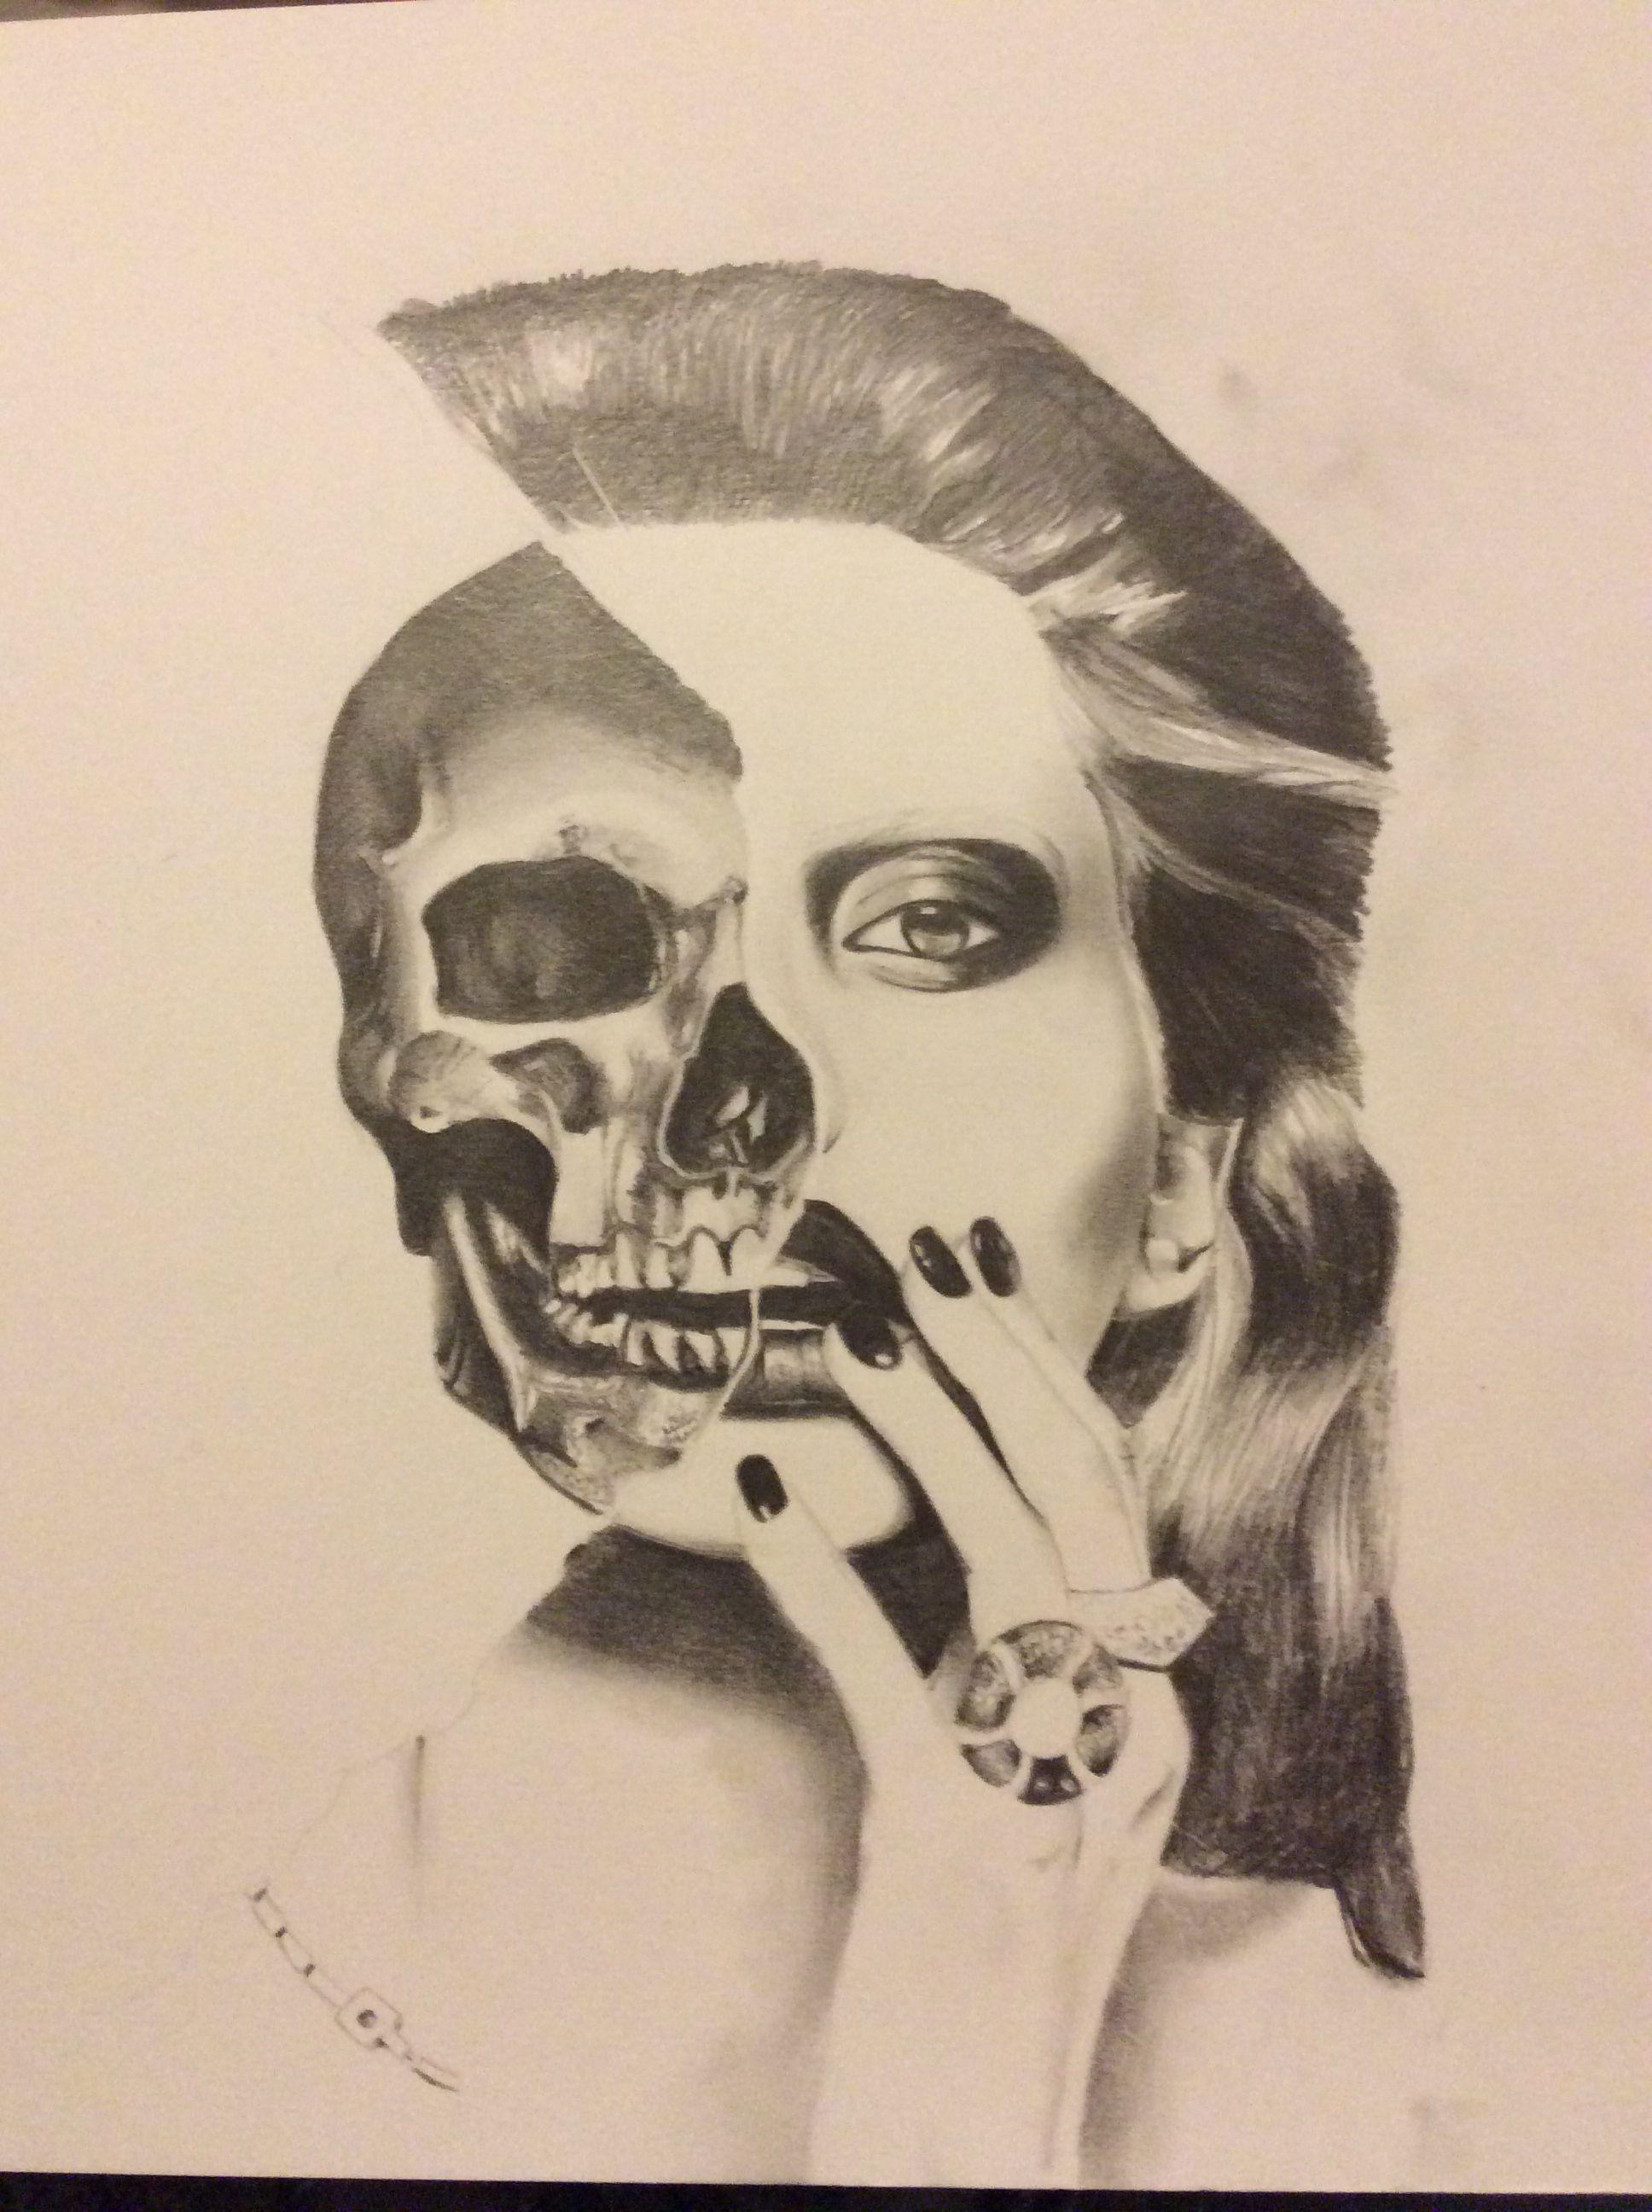 Half Skull Half Face Drawing